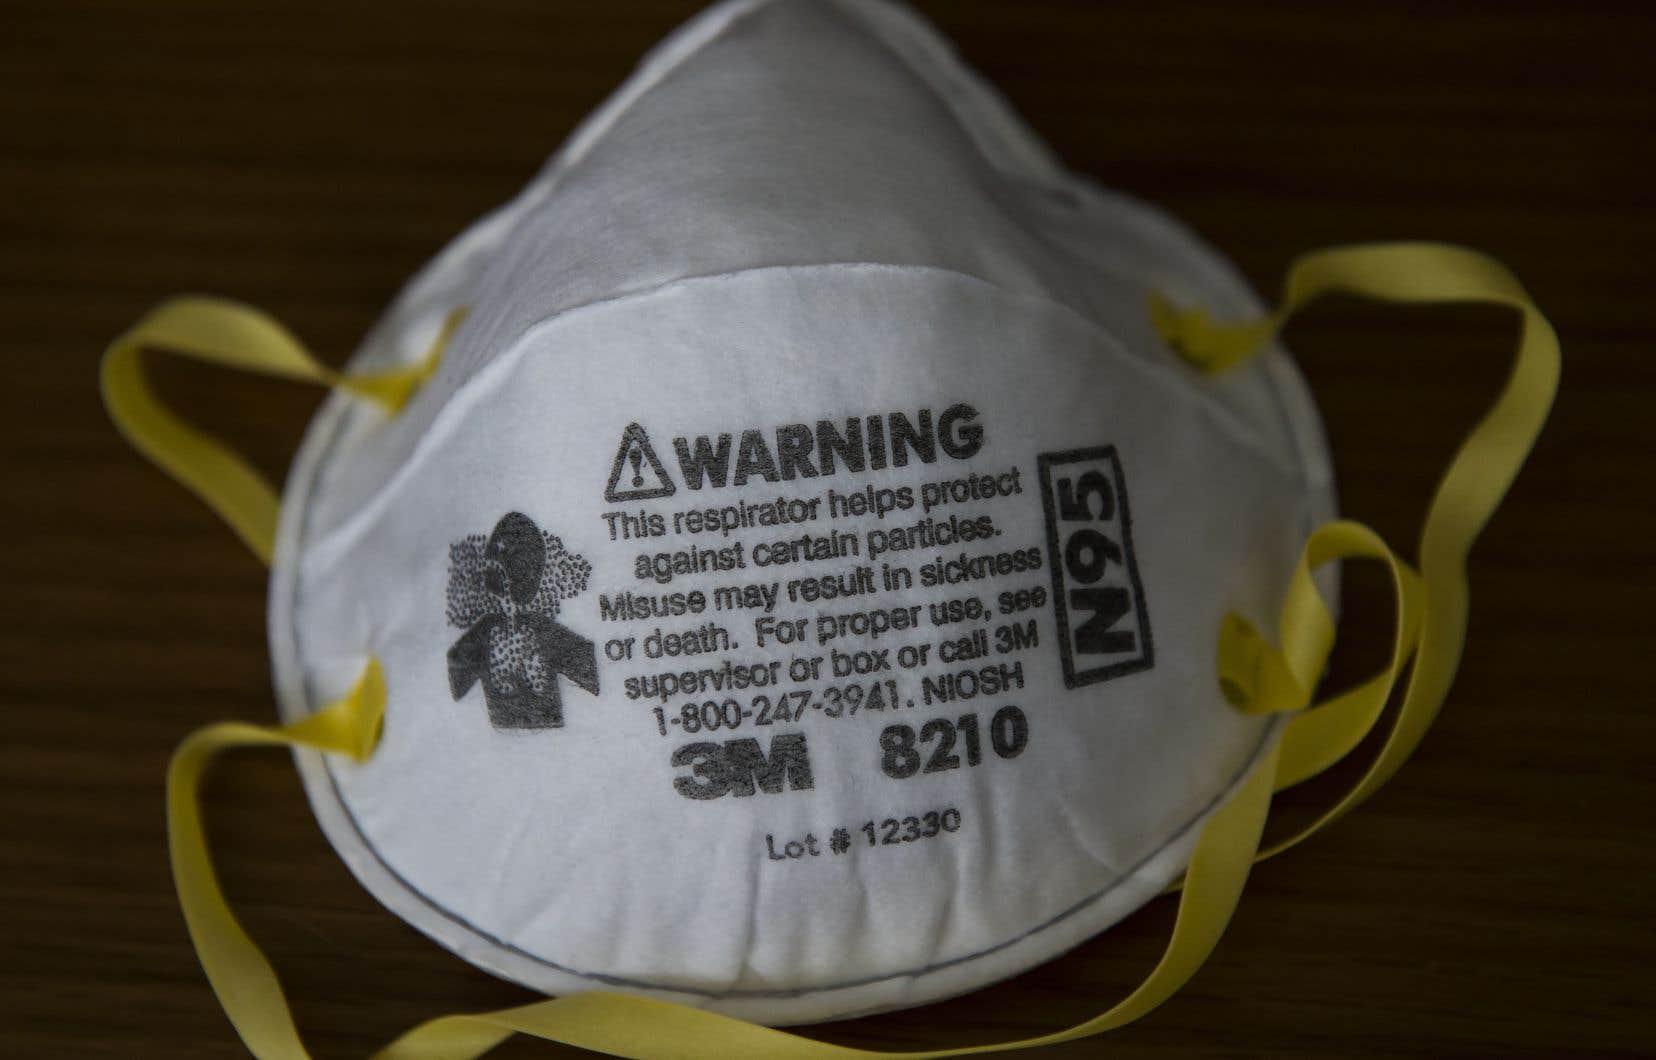 La compagnie américaine 3M a annoncé qu'elle produirait 166,5 millions de masques au cours des prochains mois aux États-Unis.